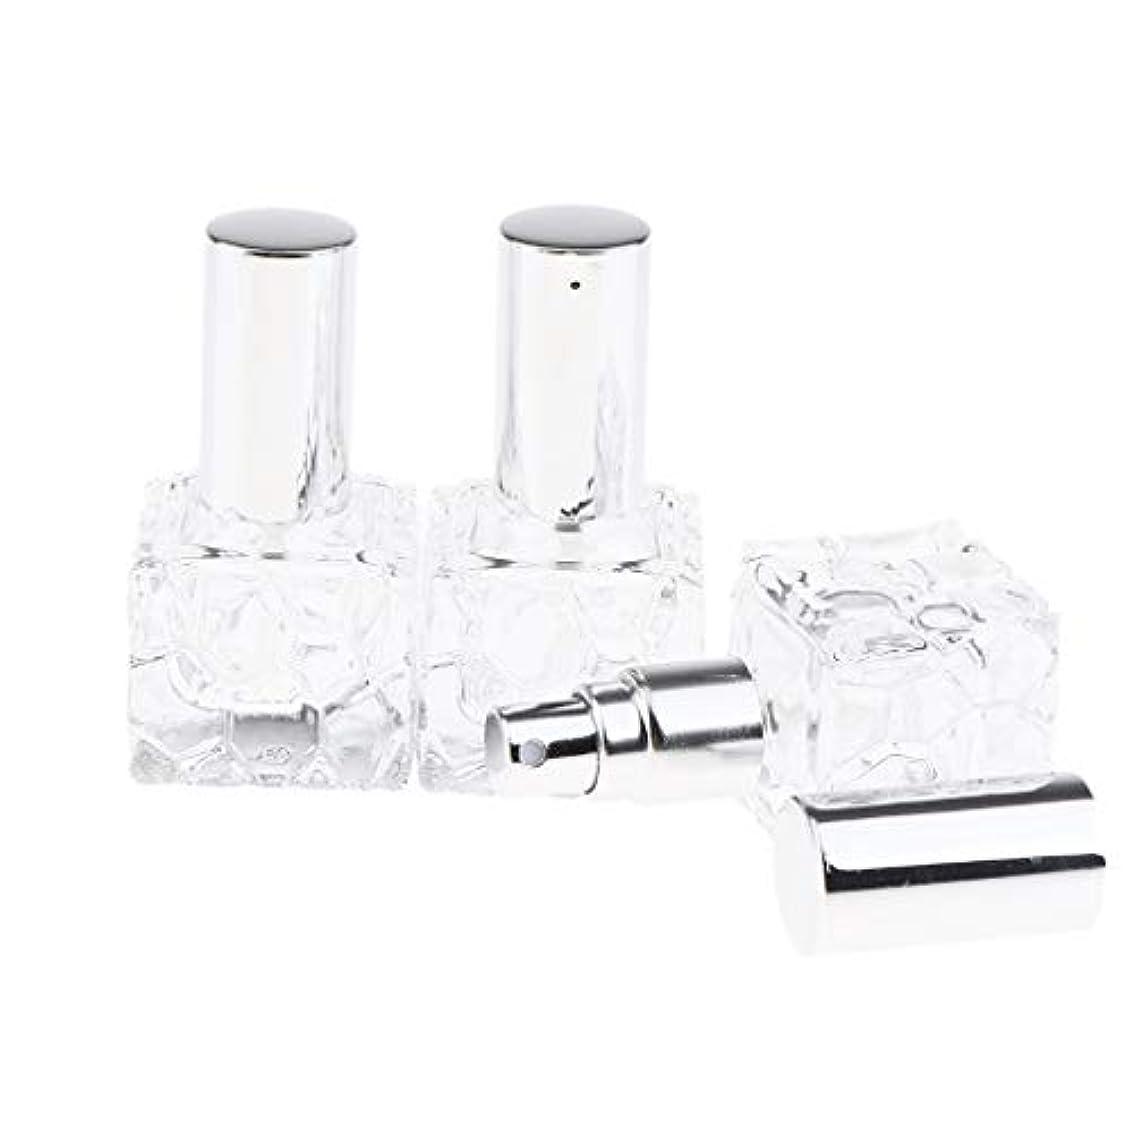 口運命第五Injoyo スプレーボトル ガラス 香水瓶 ポンプ式 アトマイザー 香水 保存 アロマ保存容器 2種選択でき - 10ml 3個